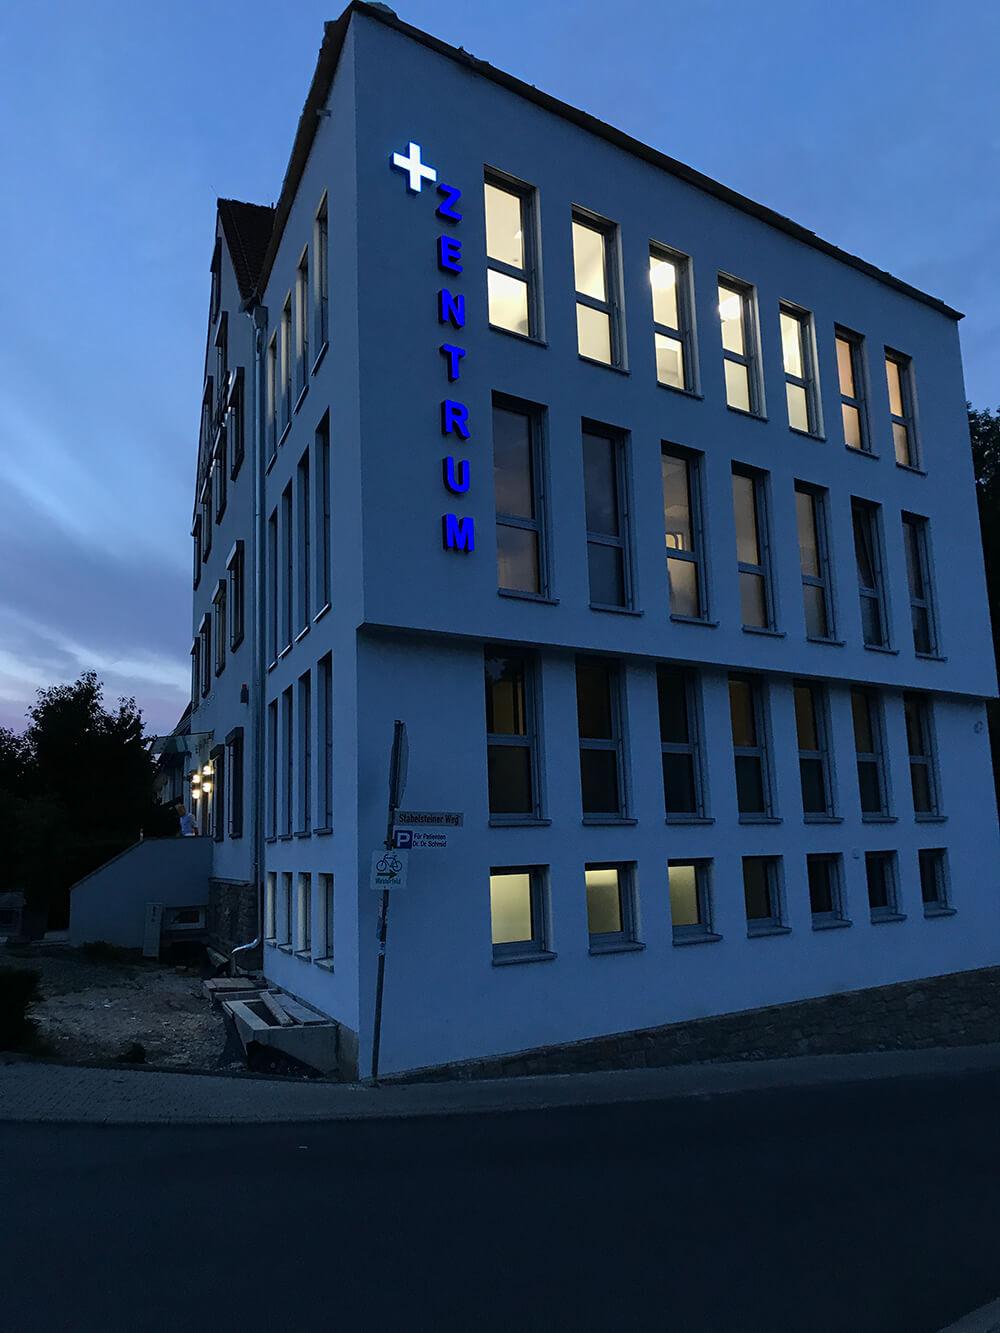 37 Jahre Dr. Schmid Zahnärzte – Gebäude in der Nacht